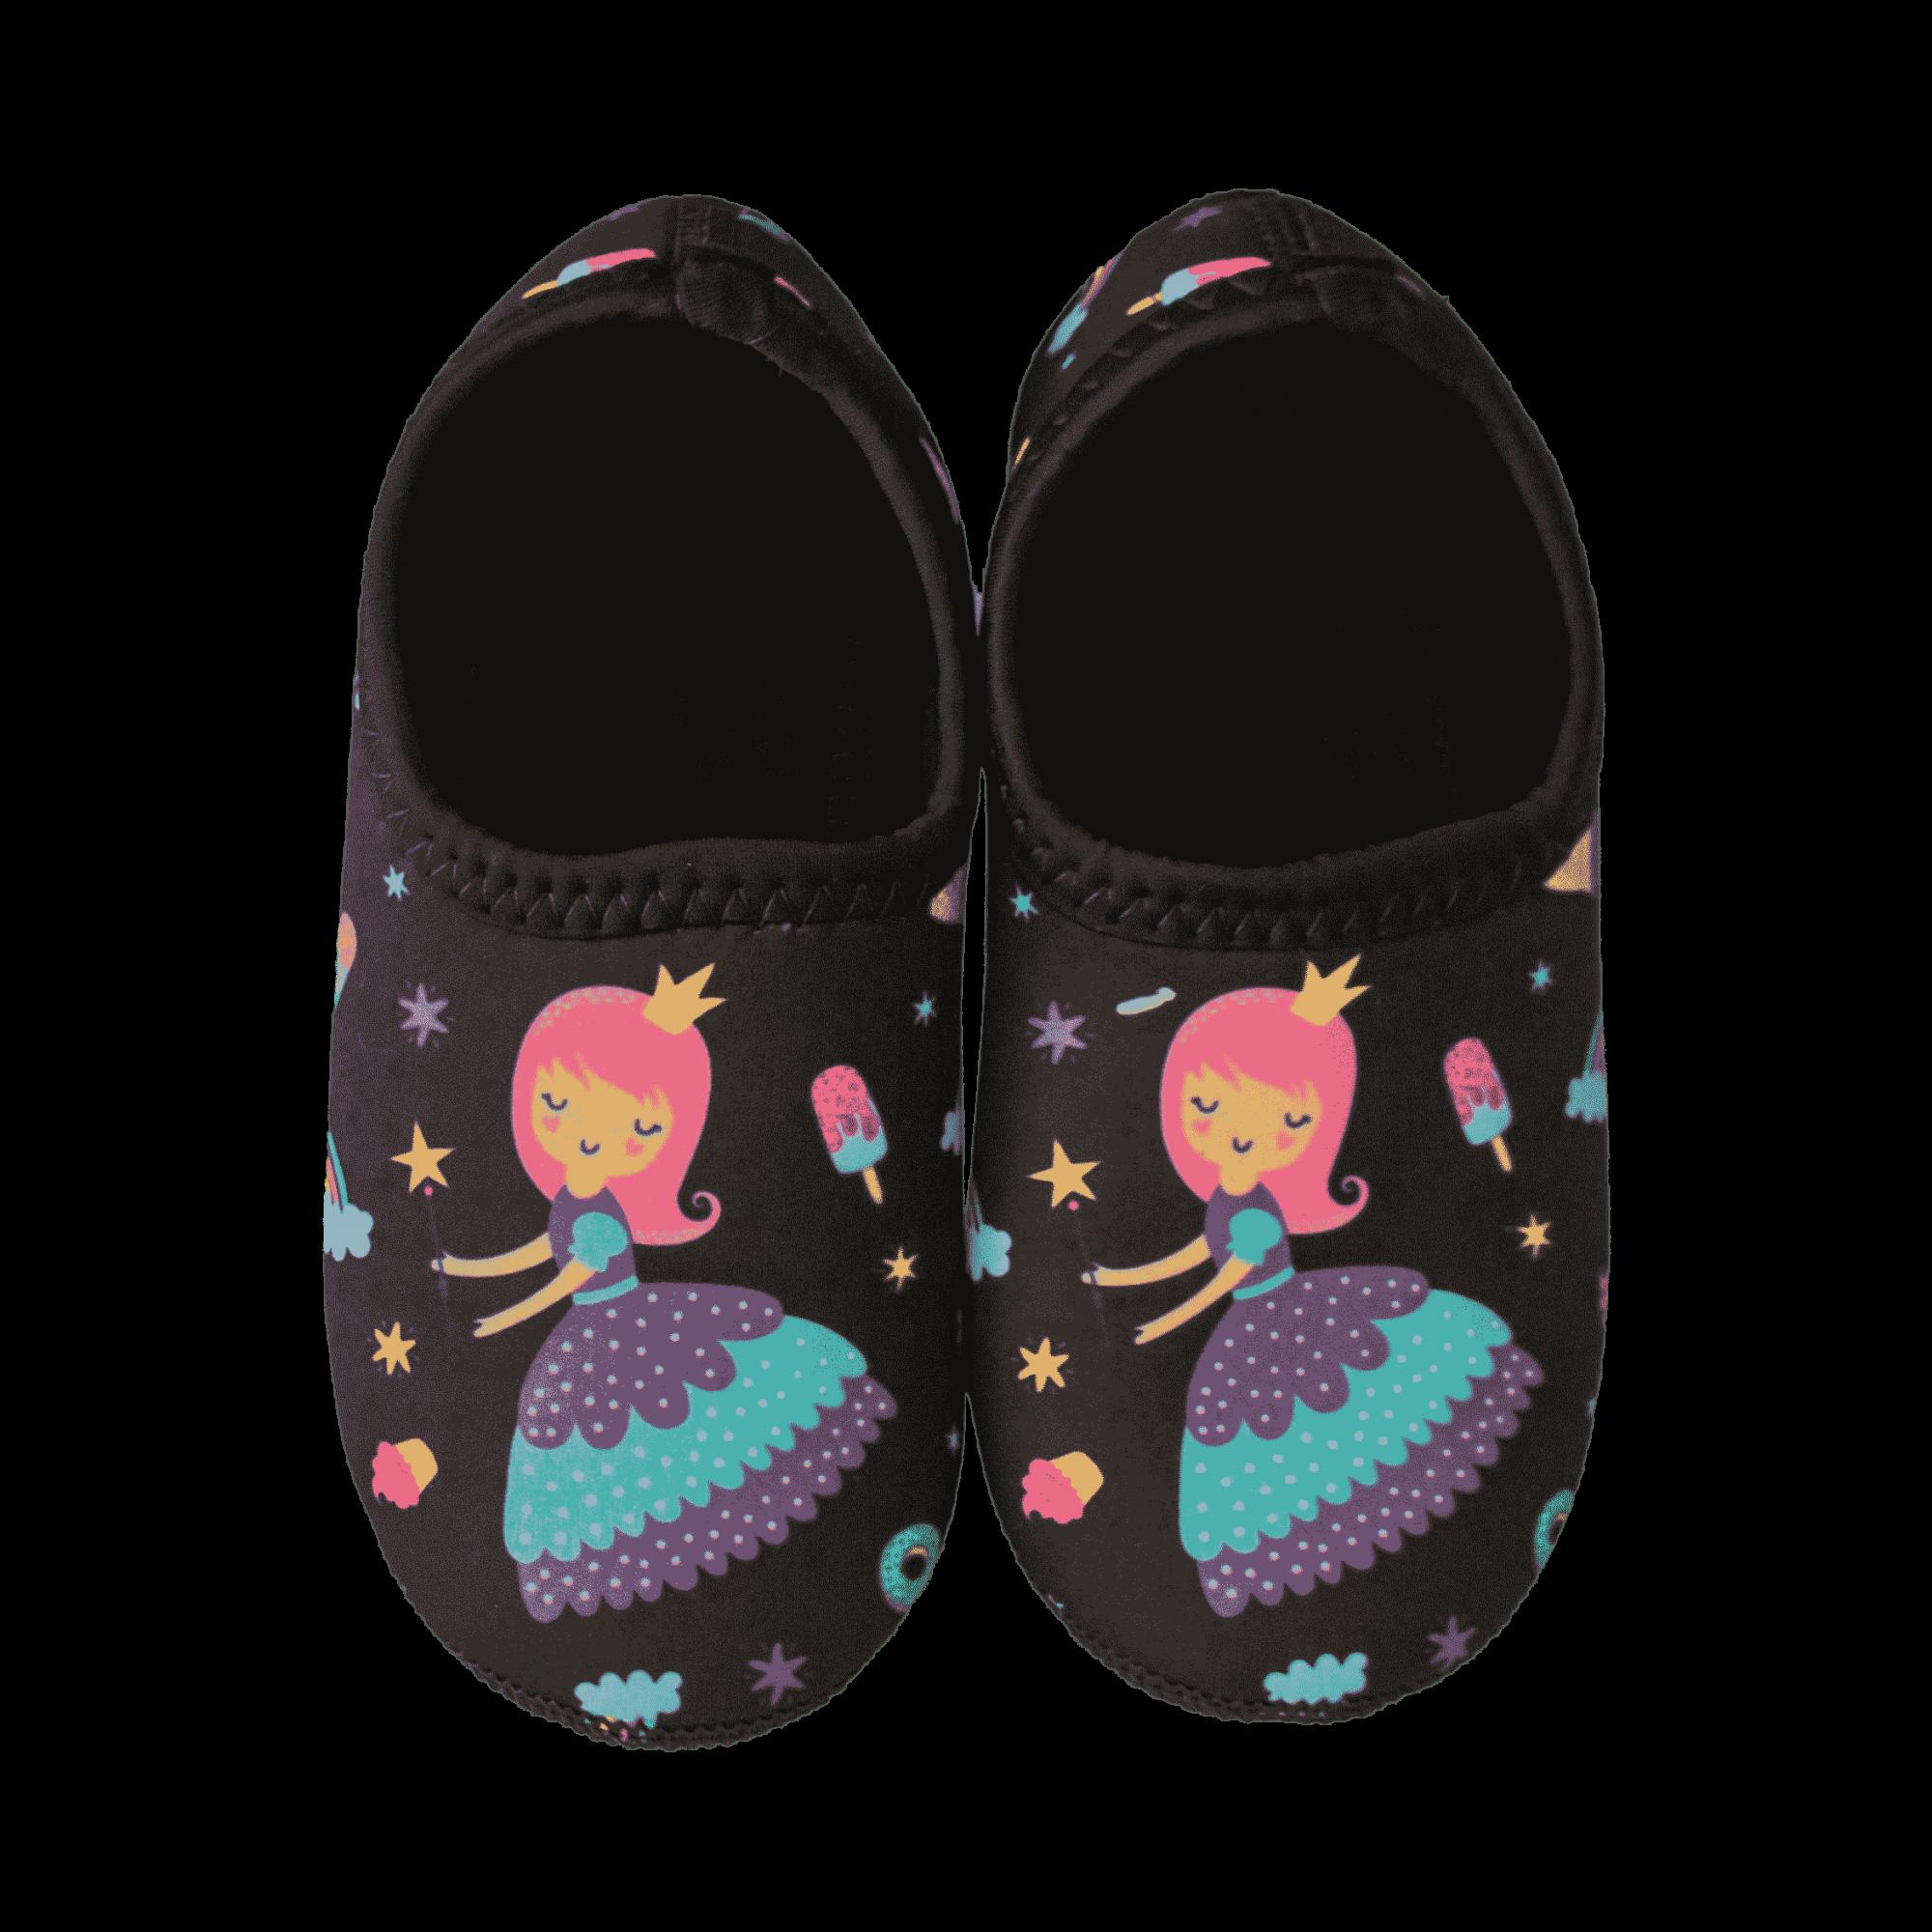 Sapato de Neoprene Infantil Fit Princesa Ufrog